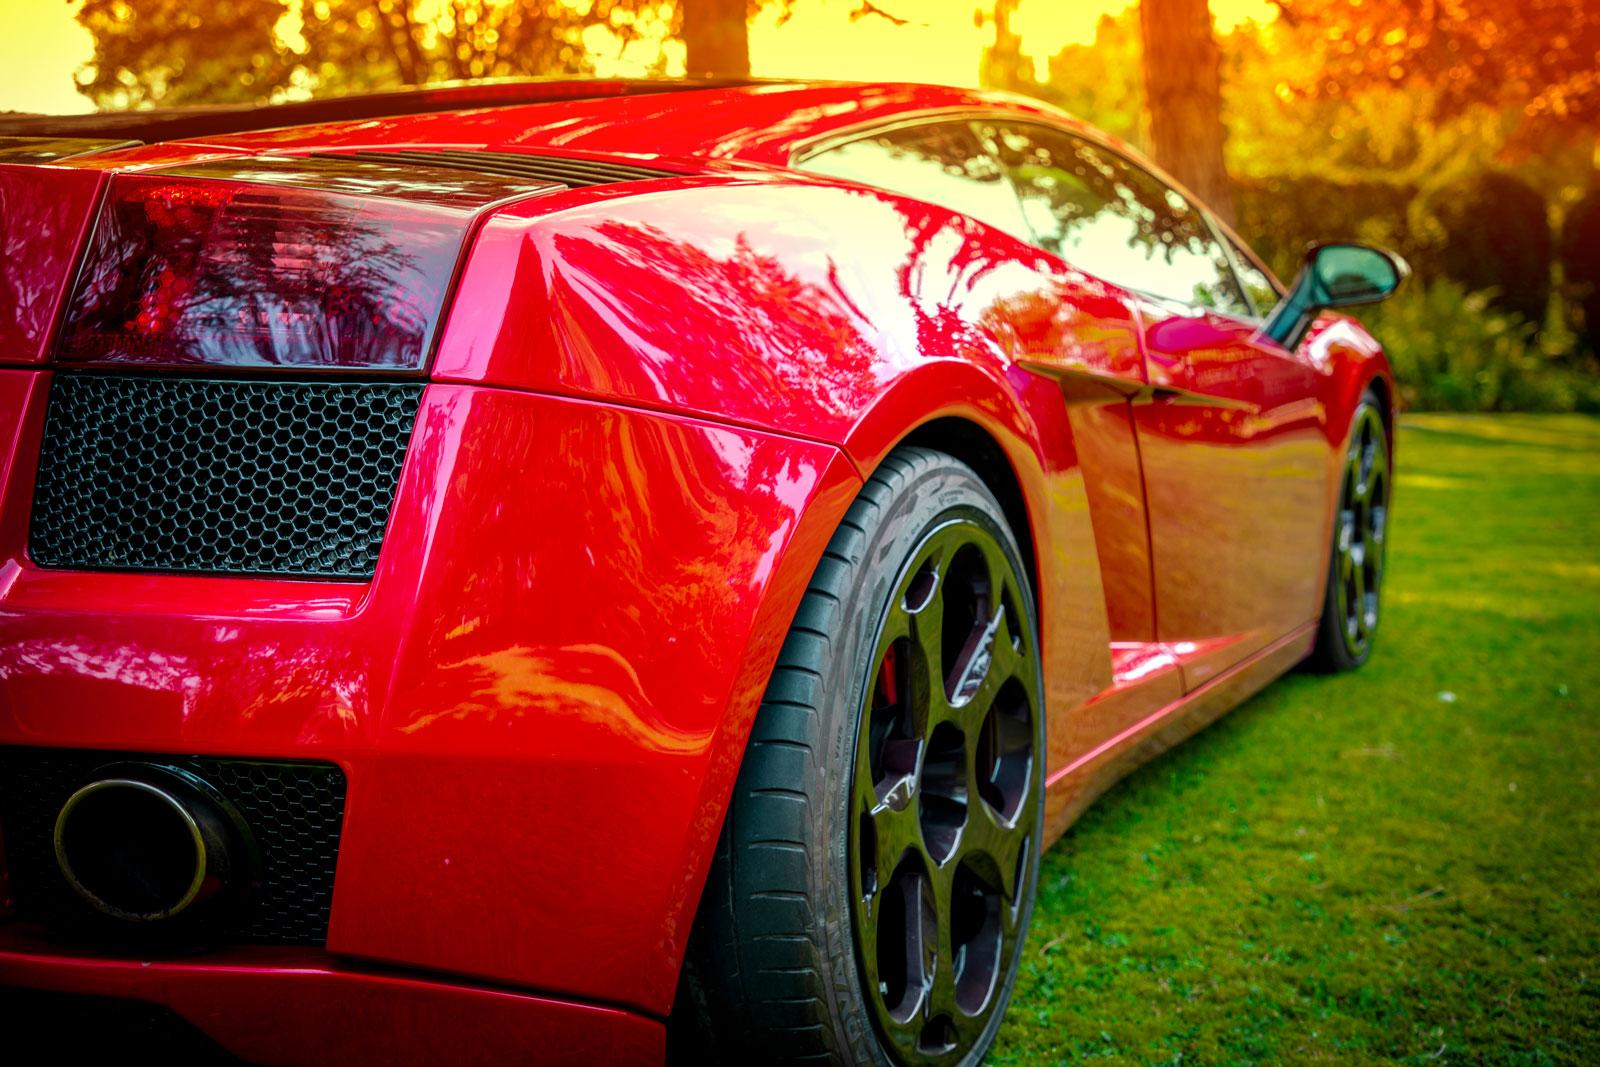 Fotografie Paderborn • DESIGN 7 • Outdoor • Lamborghini Gallardo rot Seite • Werbeagentur Paderborn